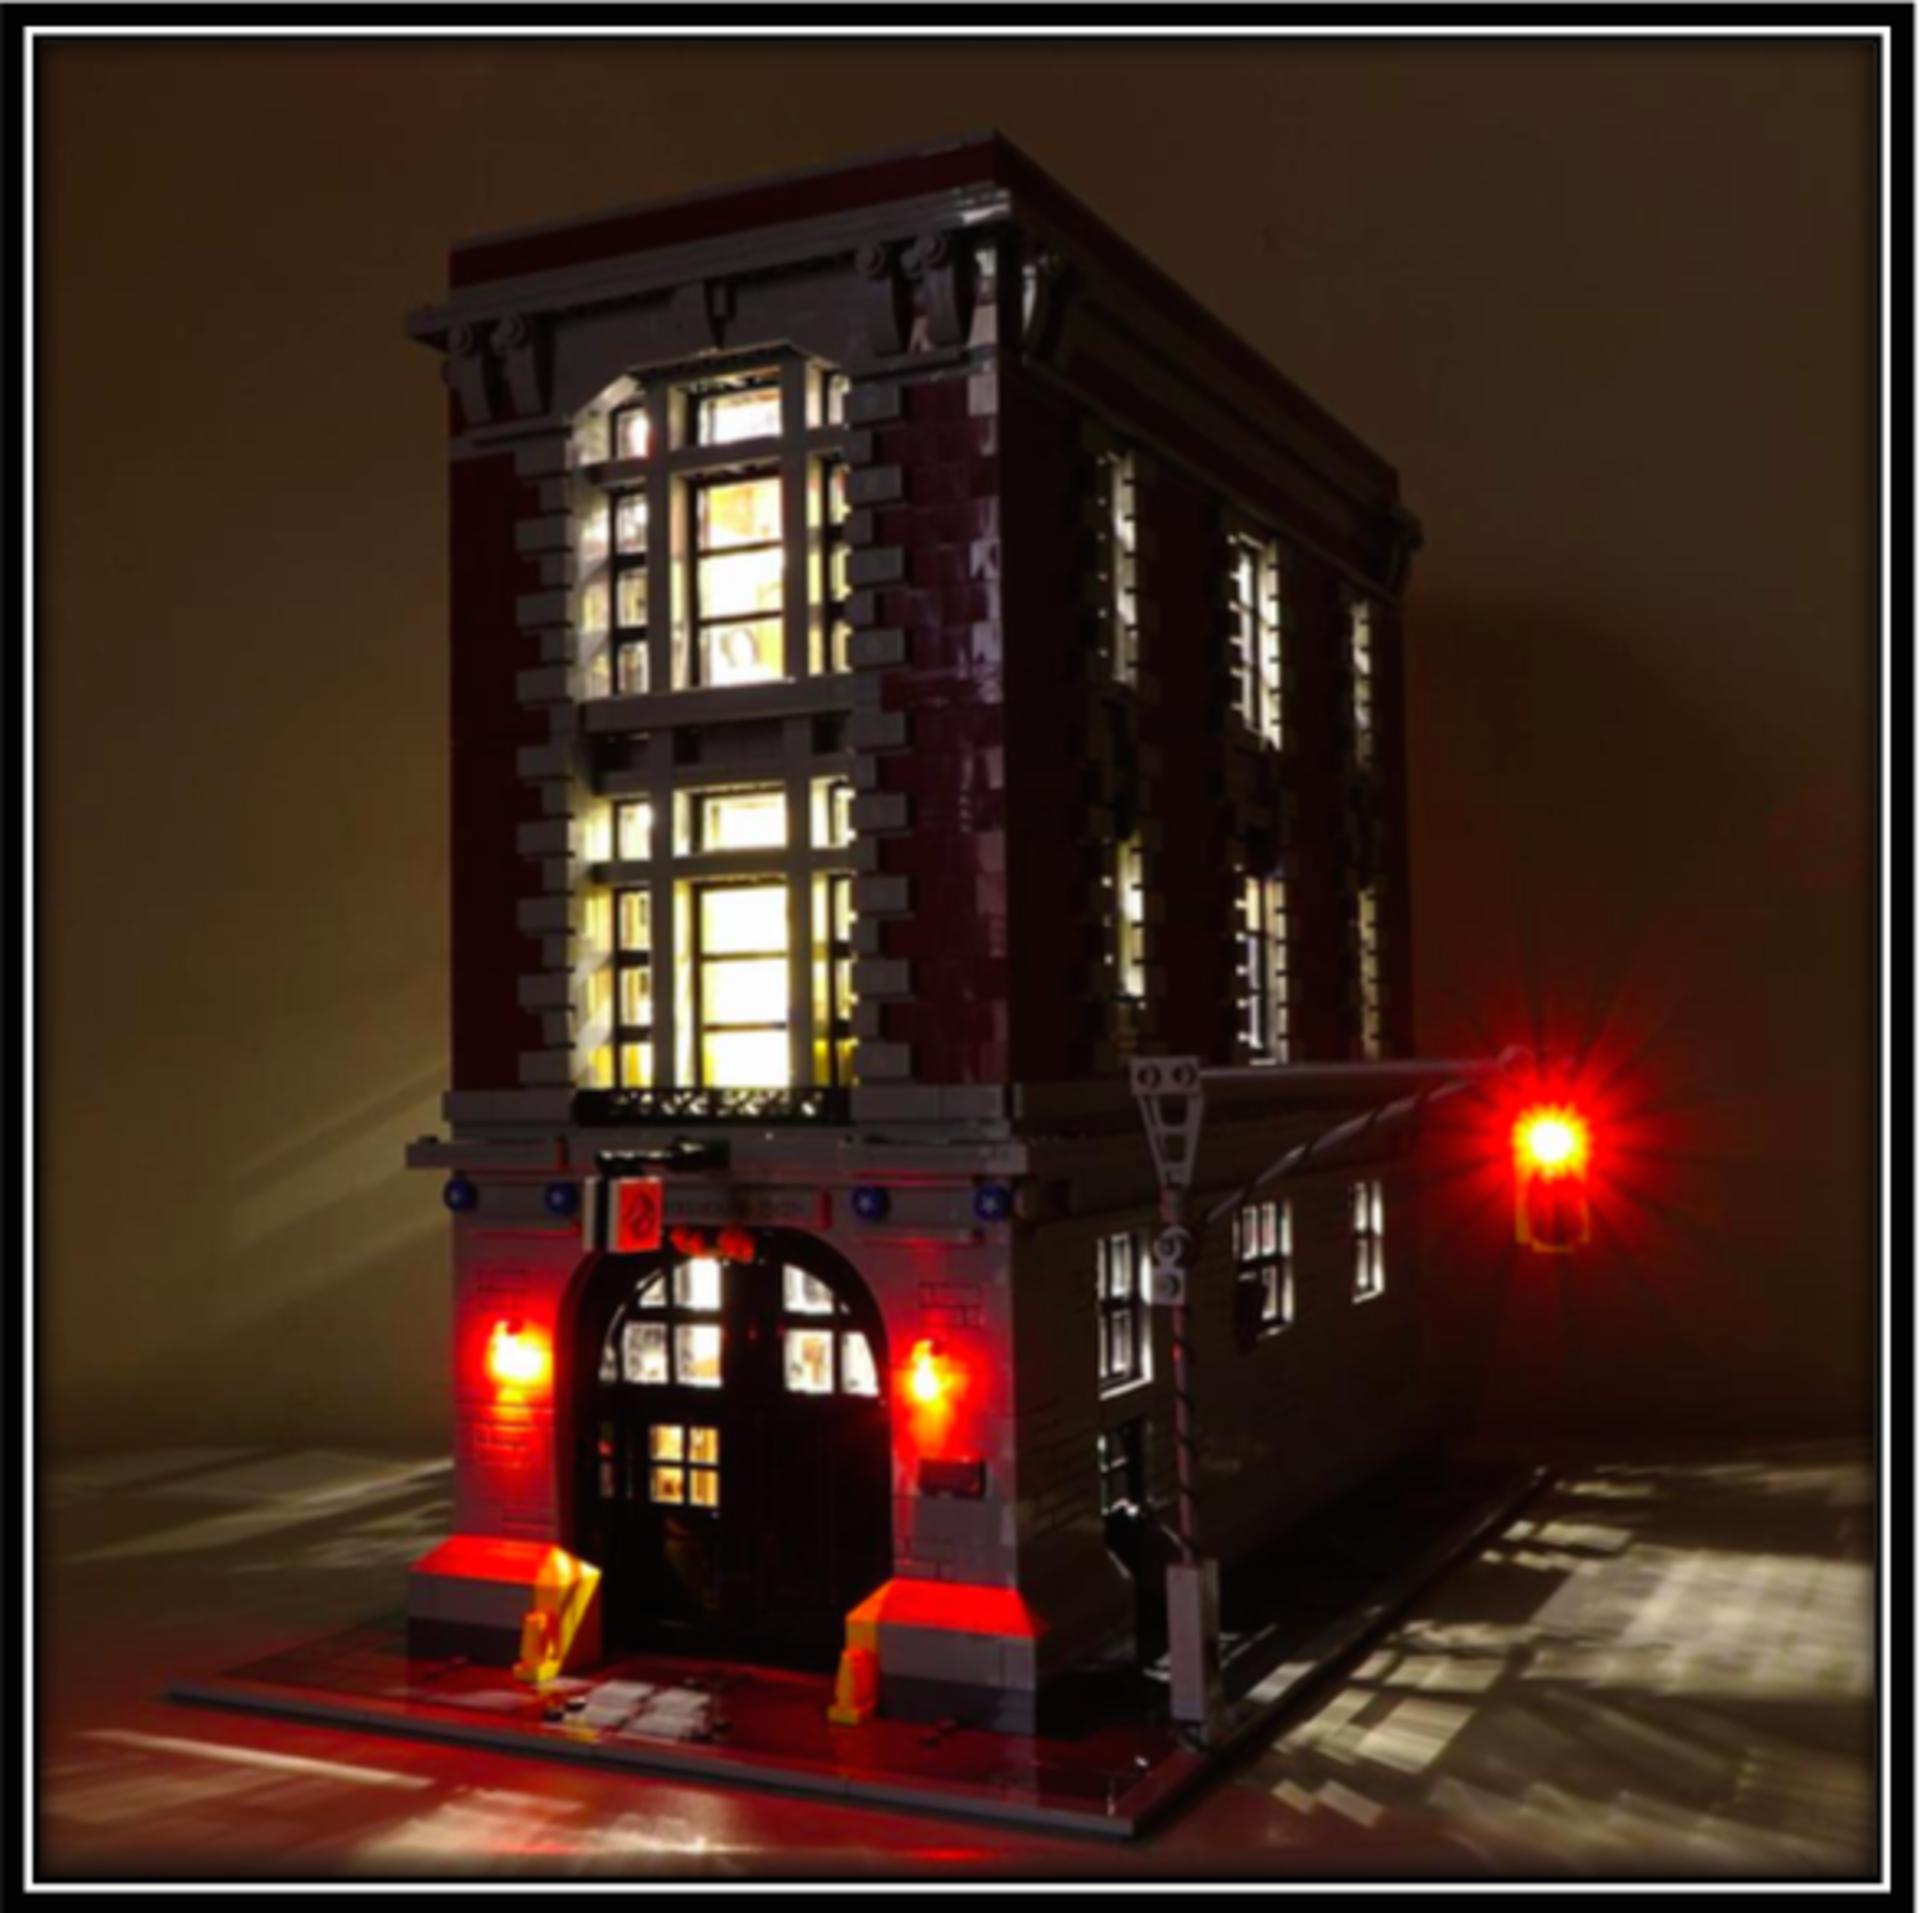 sc 1 st  LiteupBlock & Lighting kit for Firehouse Headquarters